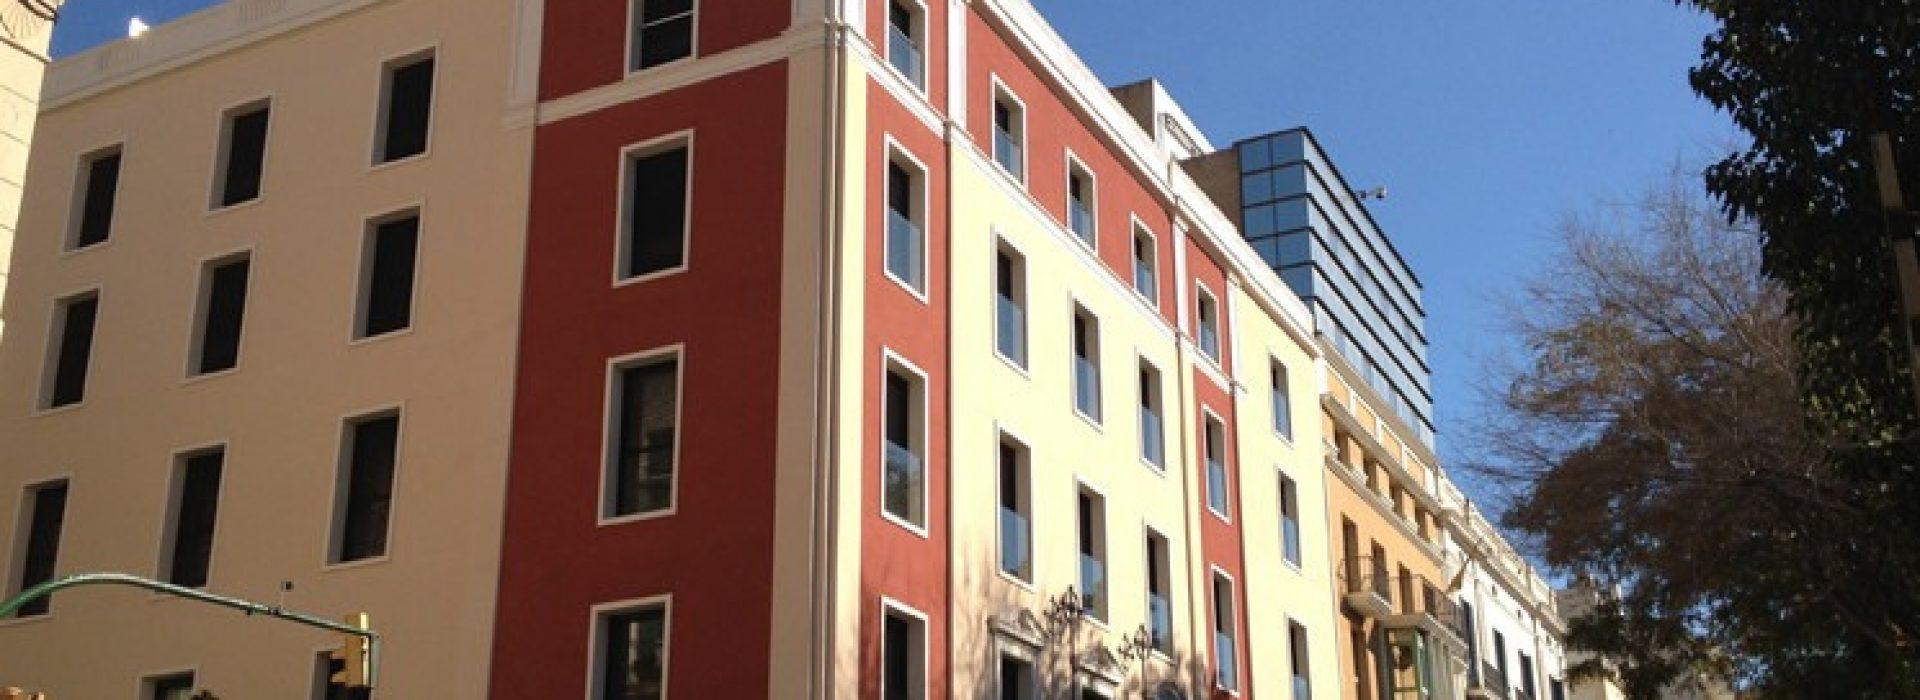 edifici-rambla01